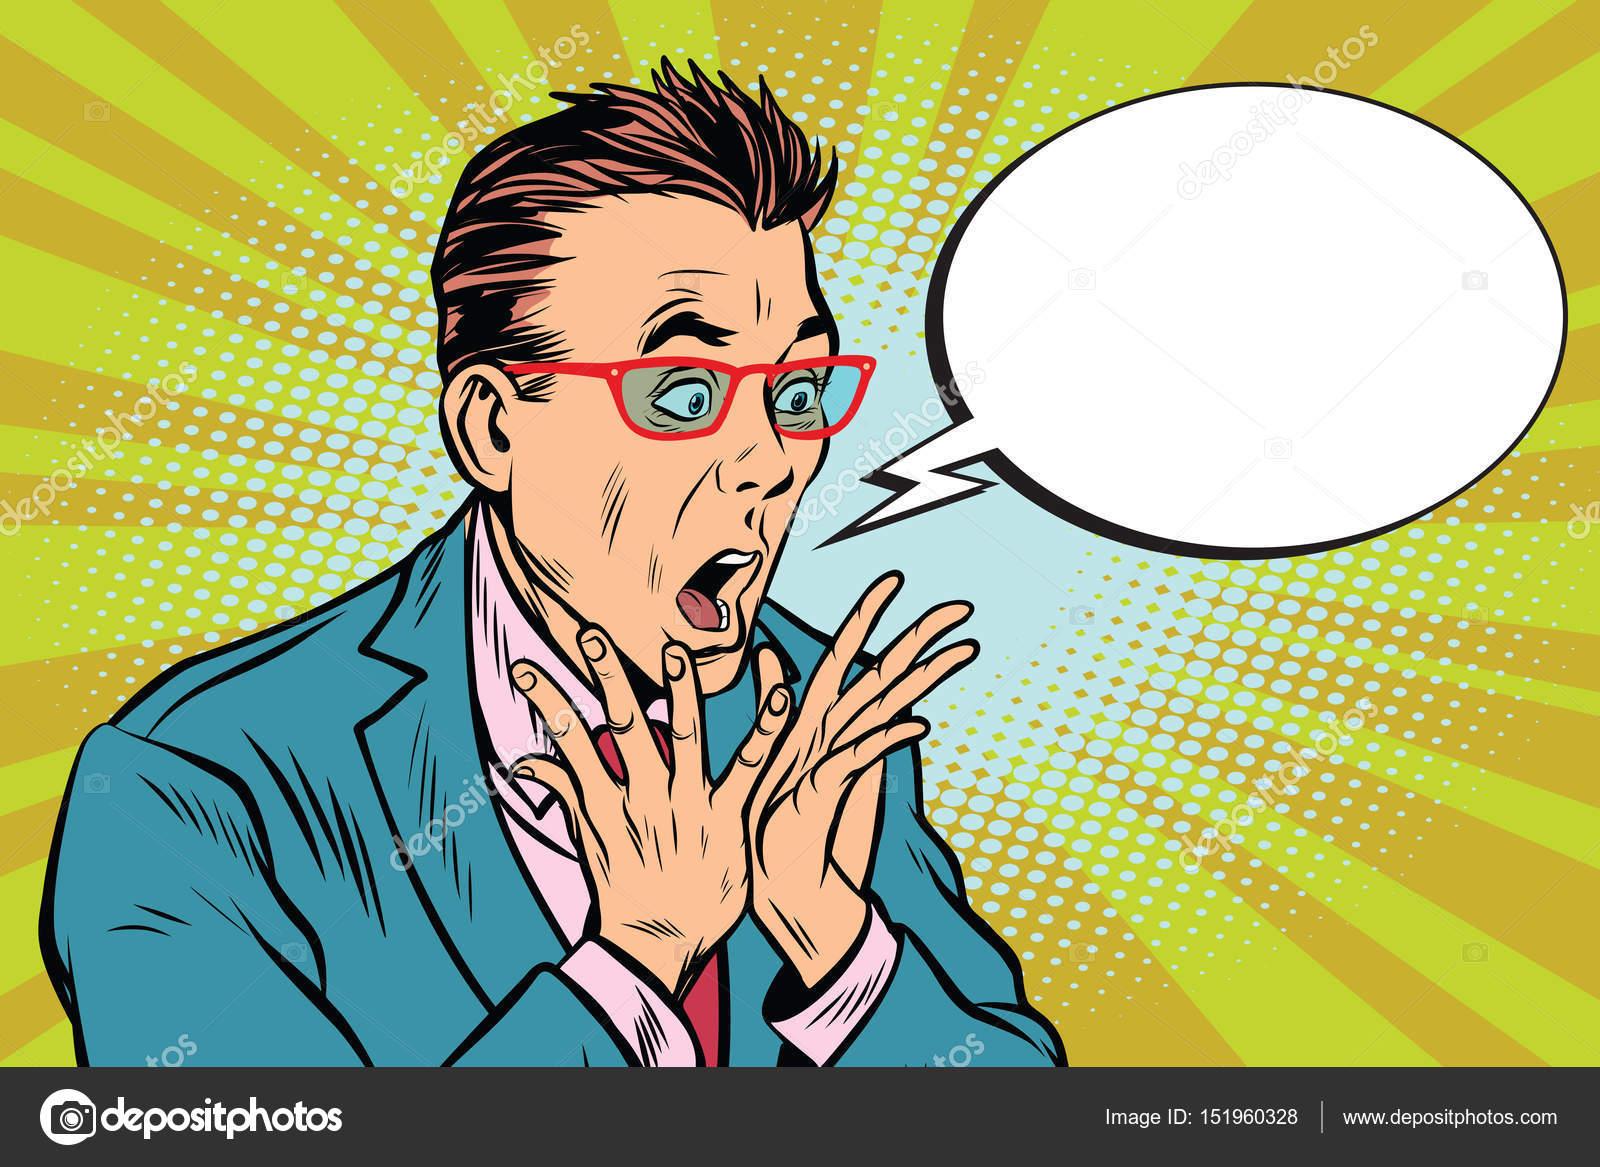 geschäftsmann mit brille angst schock reaktion Überraschung